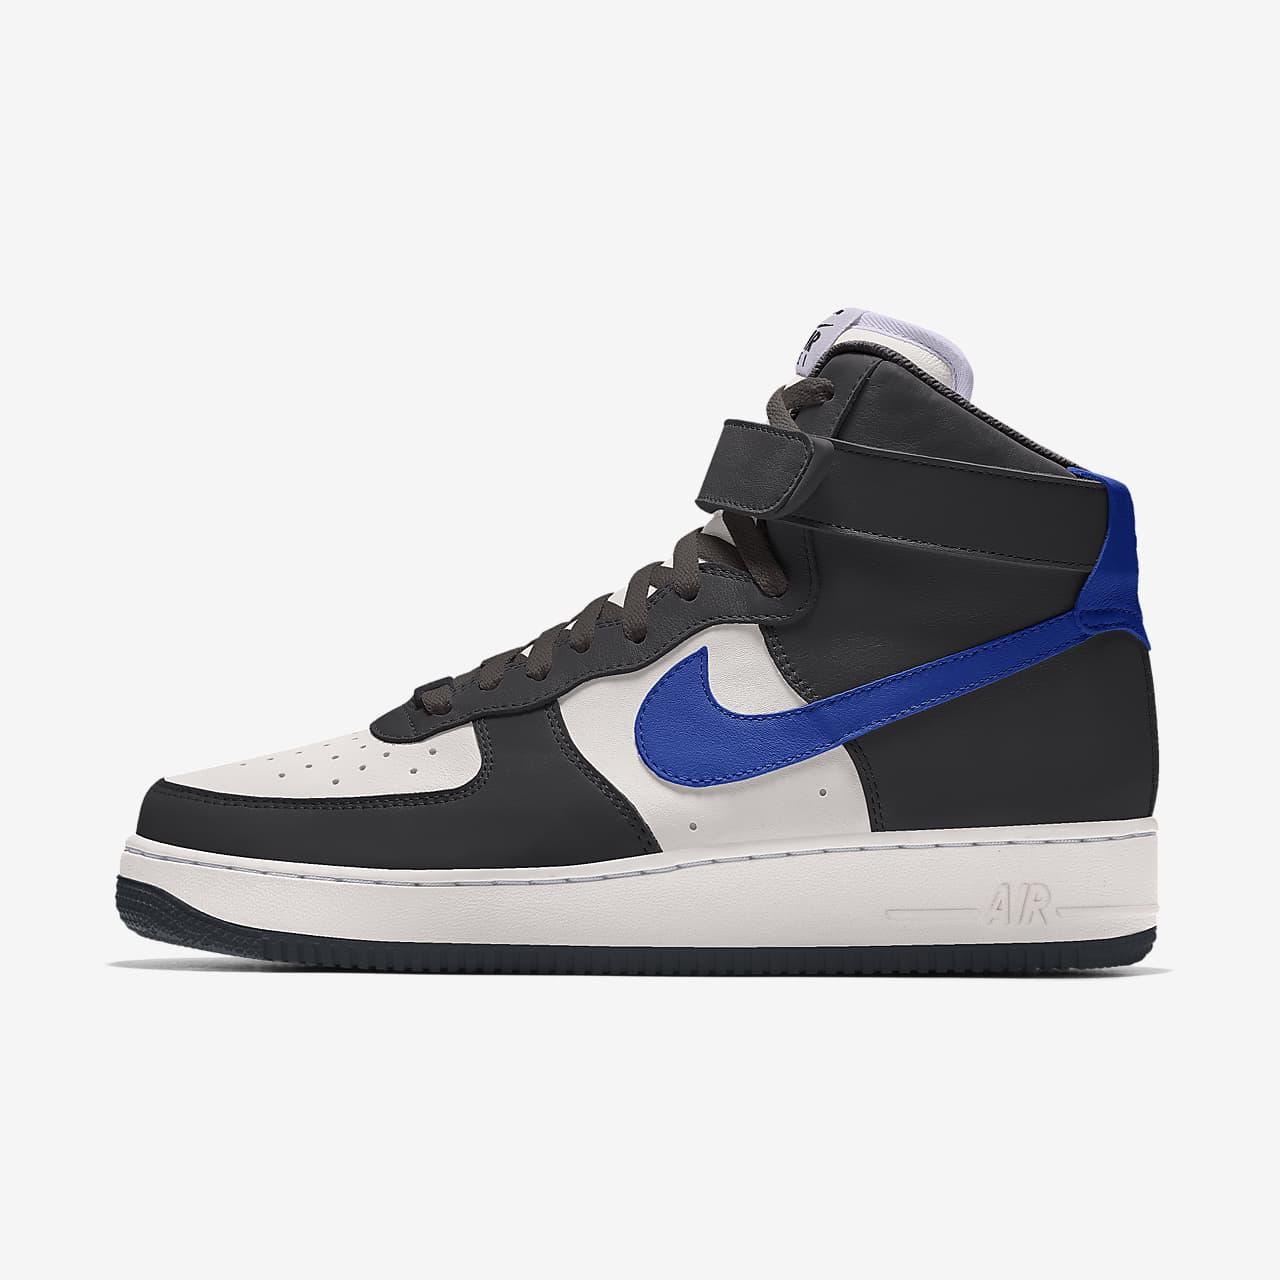 Nike Air Force 1 High By You Custom Shoe